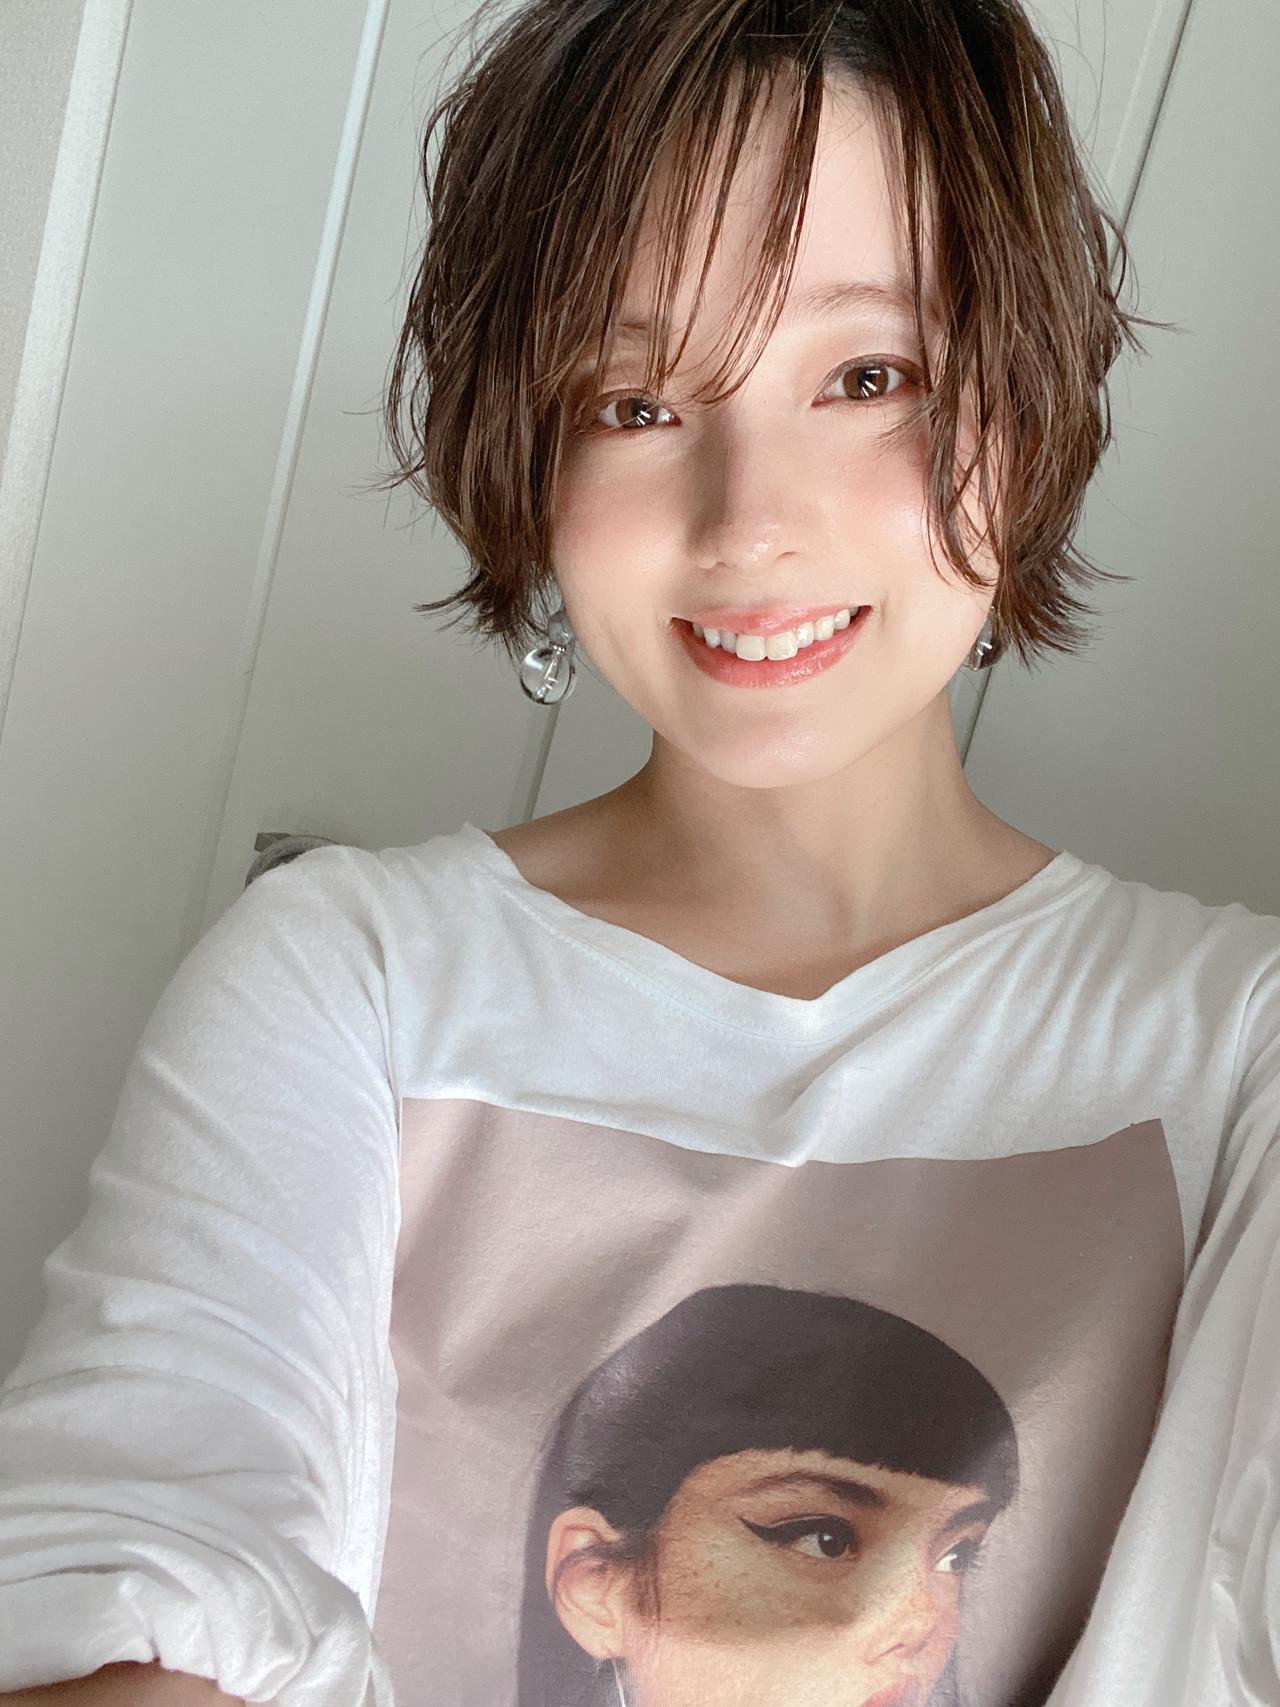 ショートボブ ベージュ ショート ハイライト ヘアスタイルや髪型の写真・画像 | asuka /